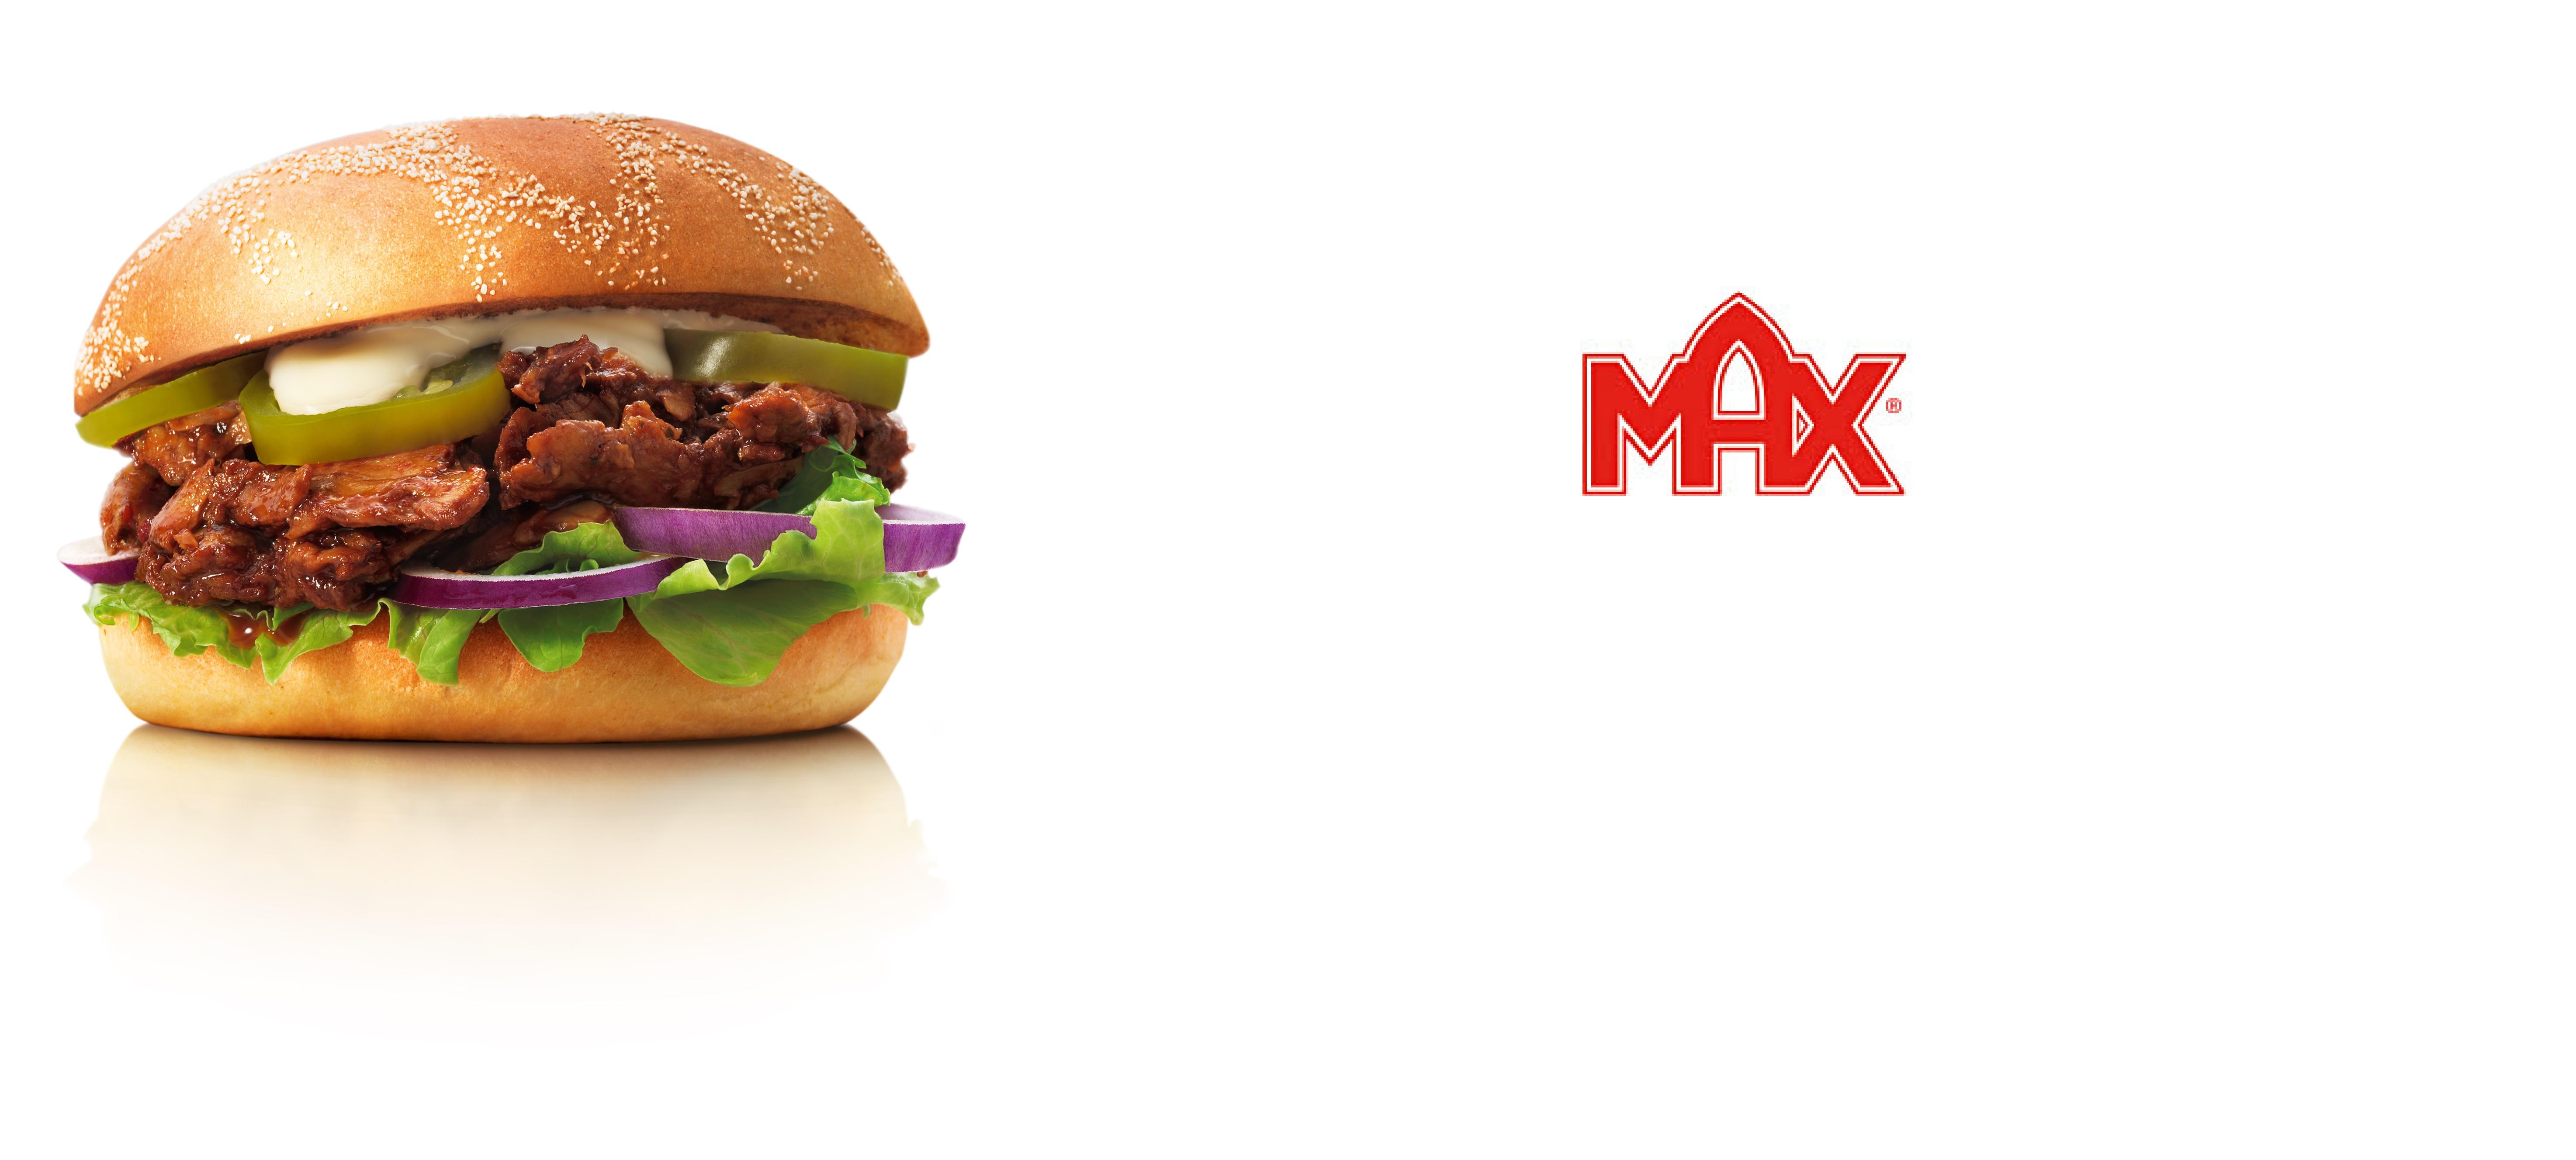 max-mixbild